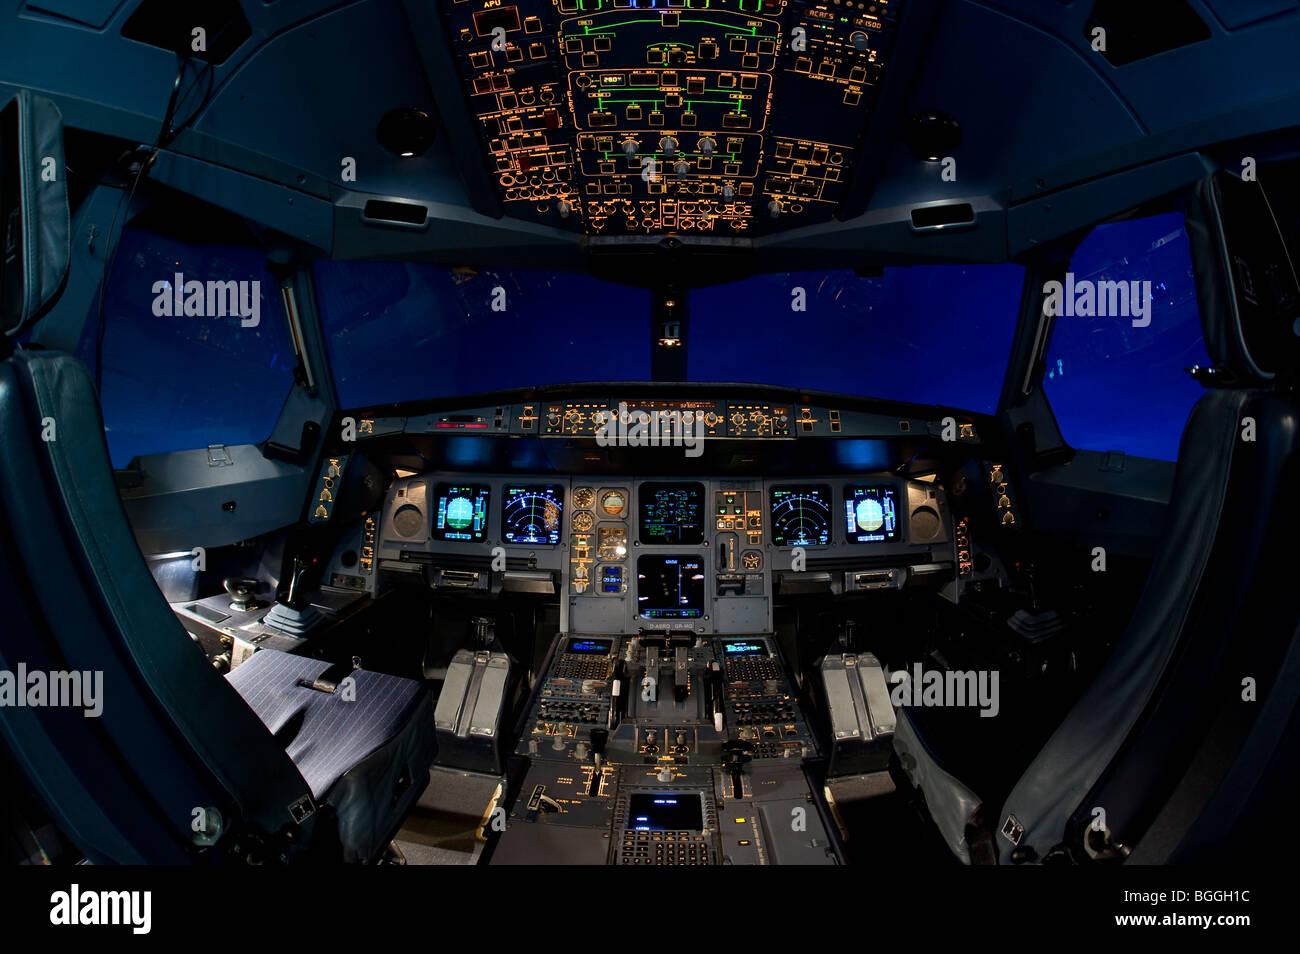 cockpit photos cockpit images alamy. Black Bedroom Furniture Sets. Home Design Ideas